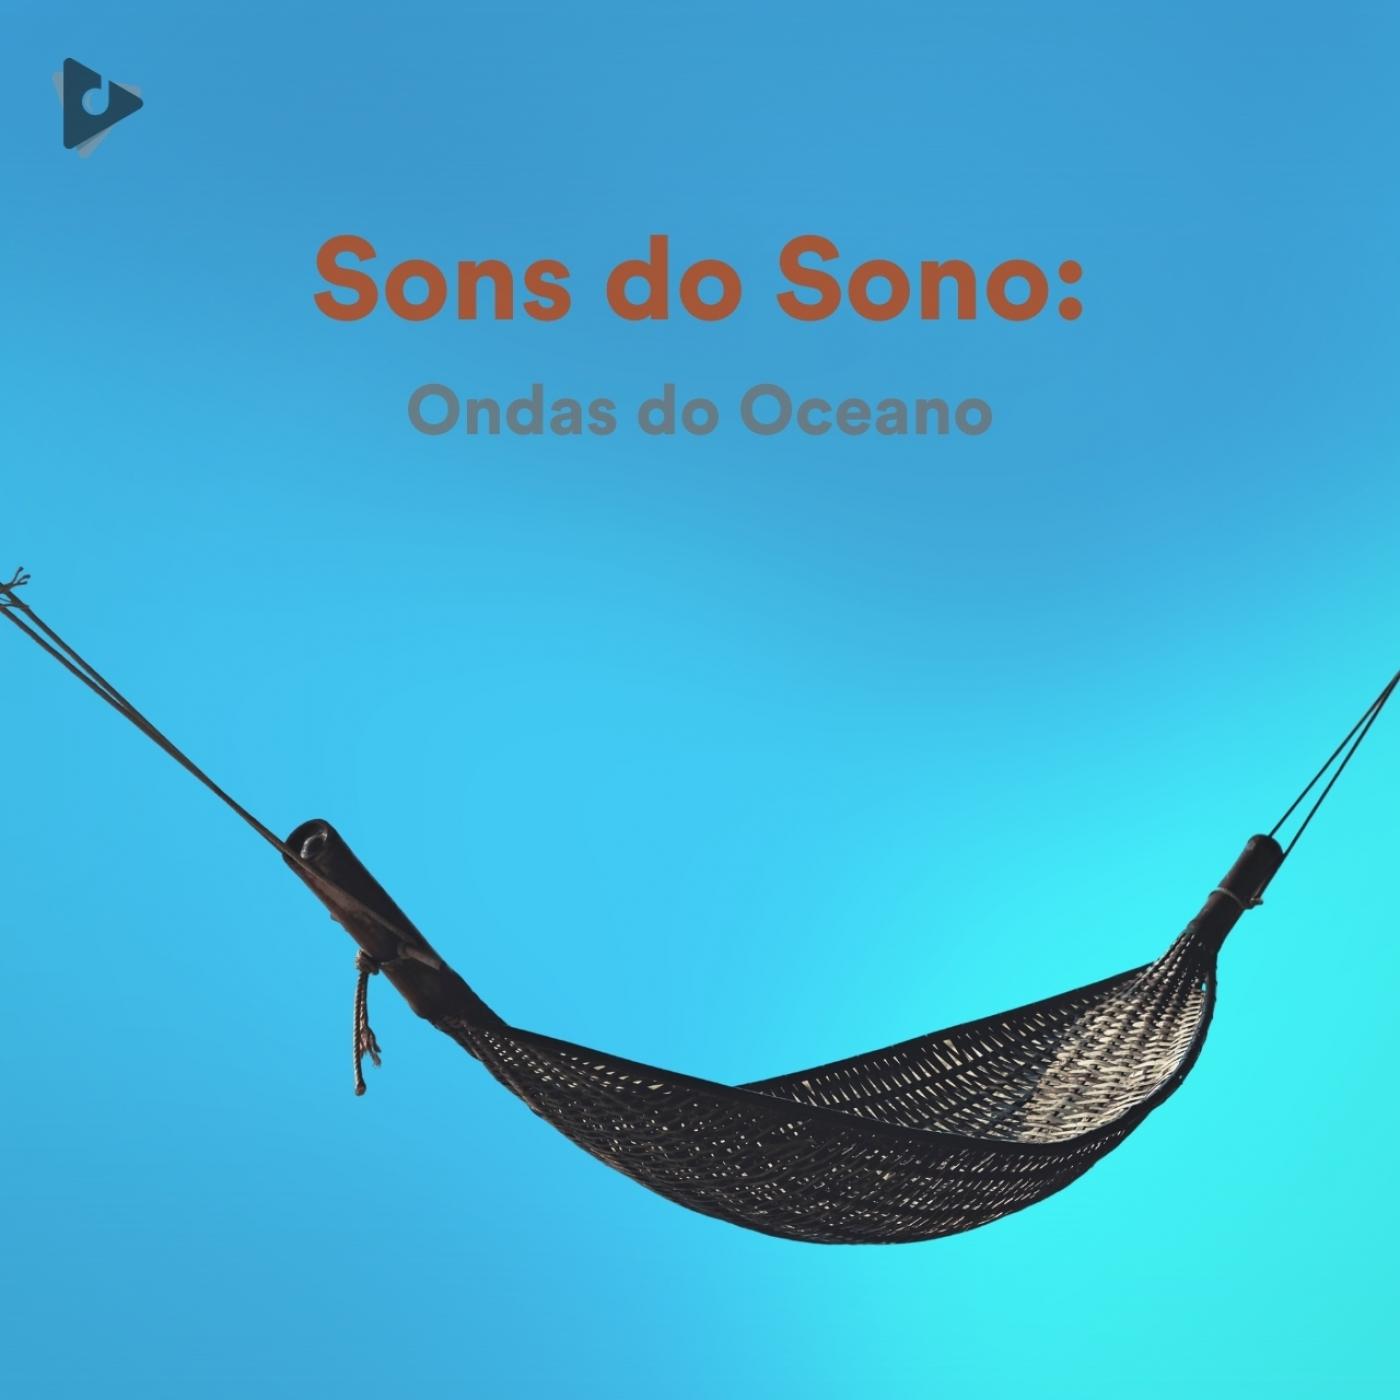 Sons do Sono: Ondas do Oceano